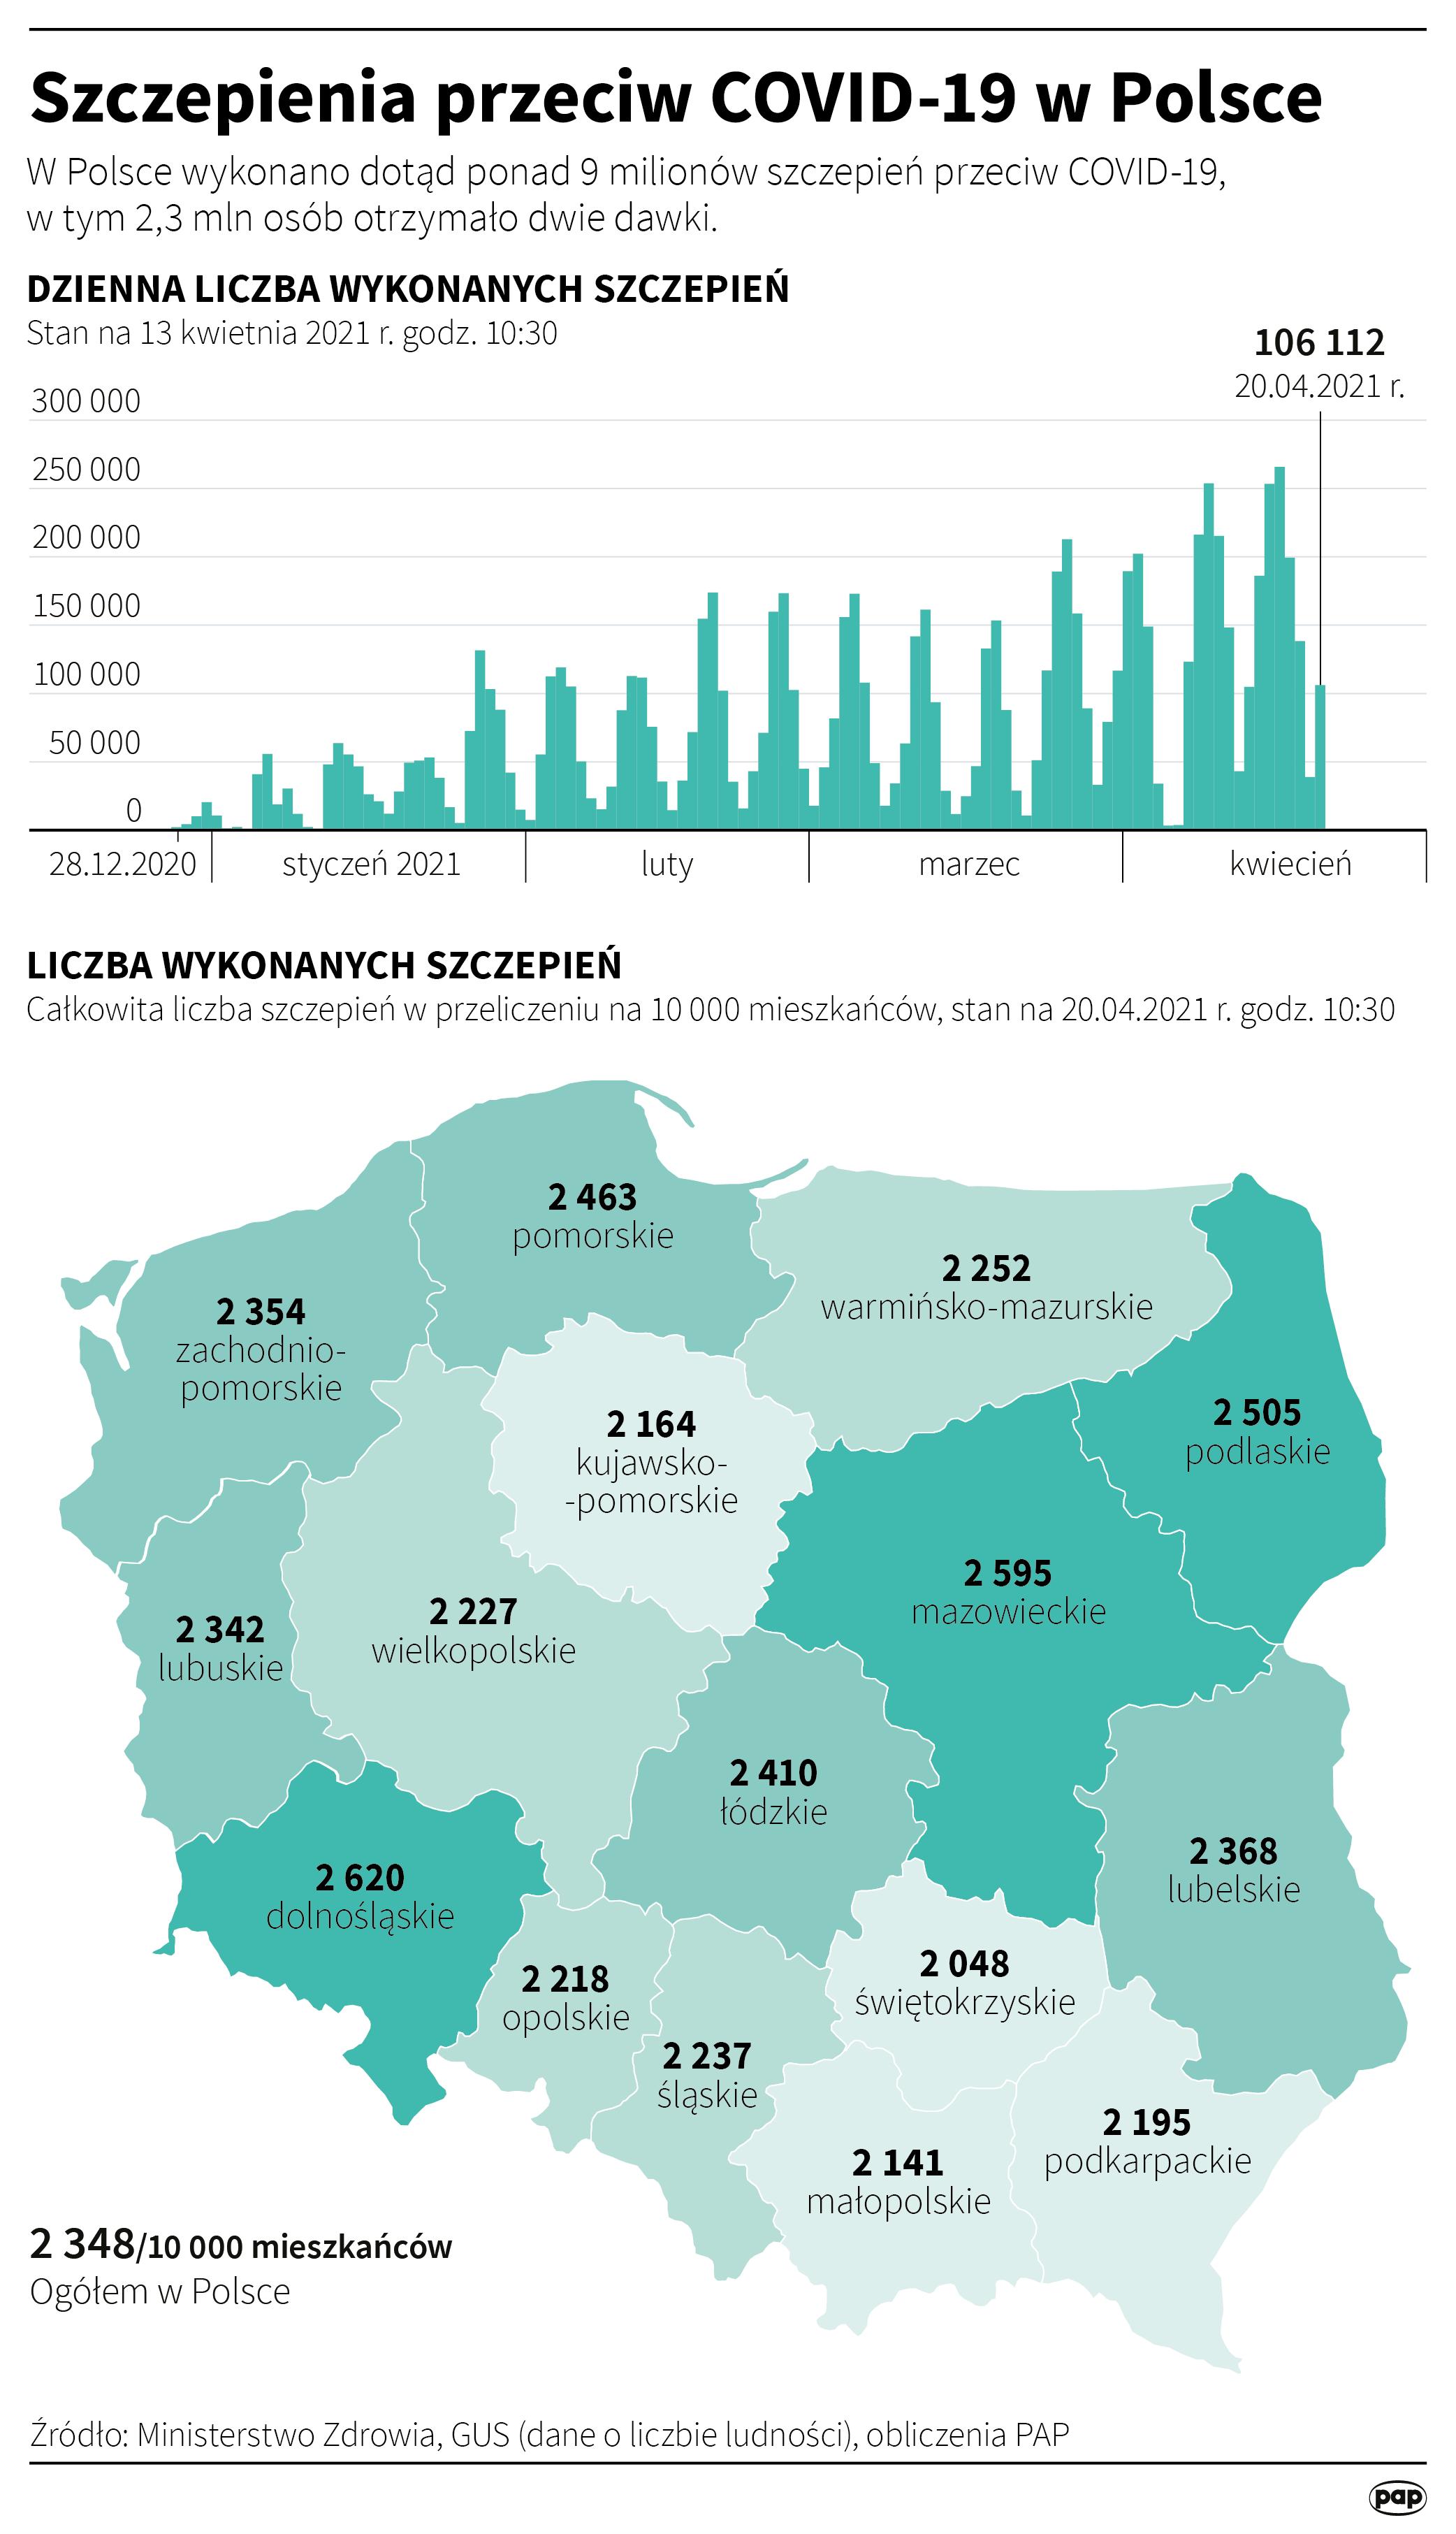 Szczepienia przeciw COVID-19 w Polsce - 20 kwietnia [Autor: Maciej Zieliński, źródło: PAP]